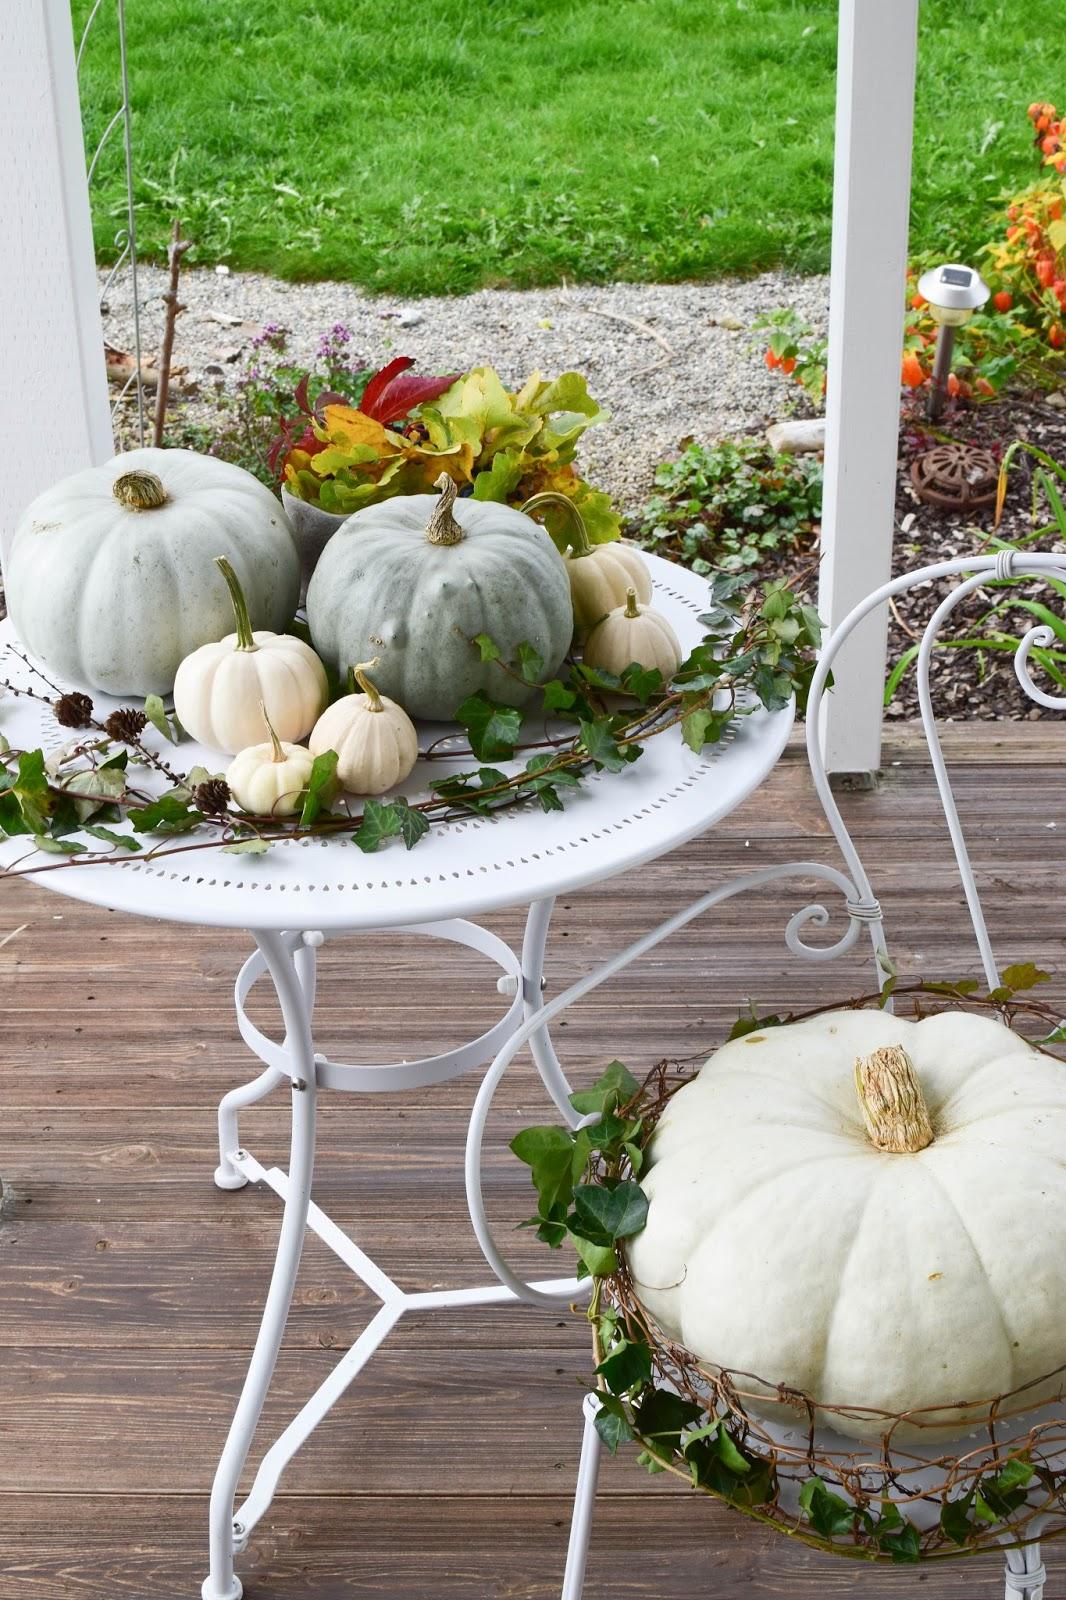 Dekoideen mit Kürbis für den Herbst. Kürbisse natürlich dekorieren. Tischdeko, Tisch dekorieren Herbstdeko, herbstliche Deko, Balkon Garten